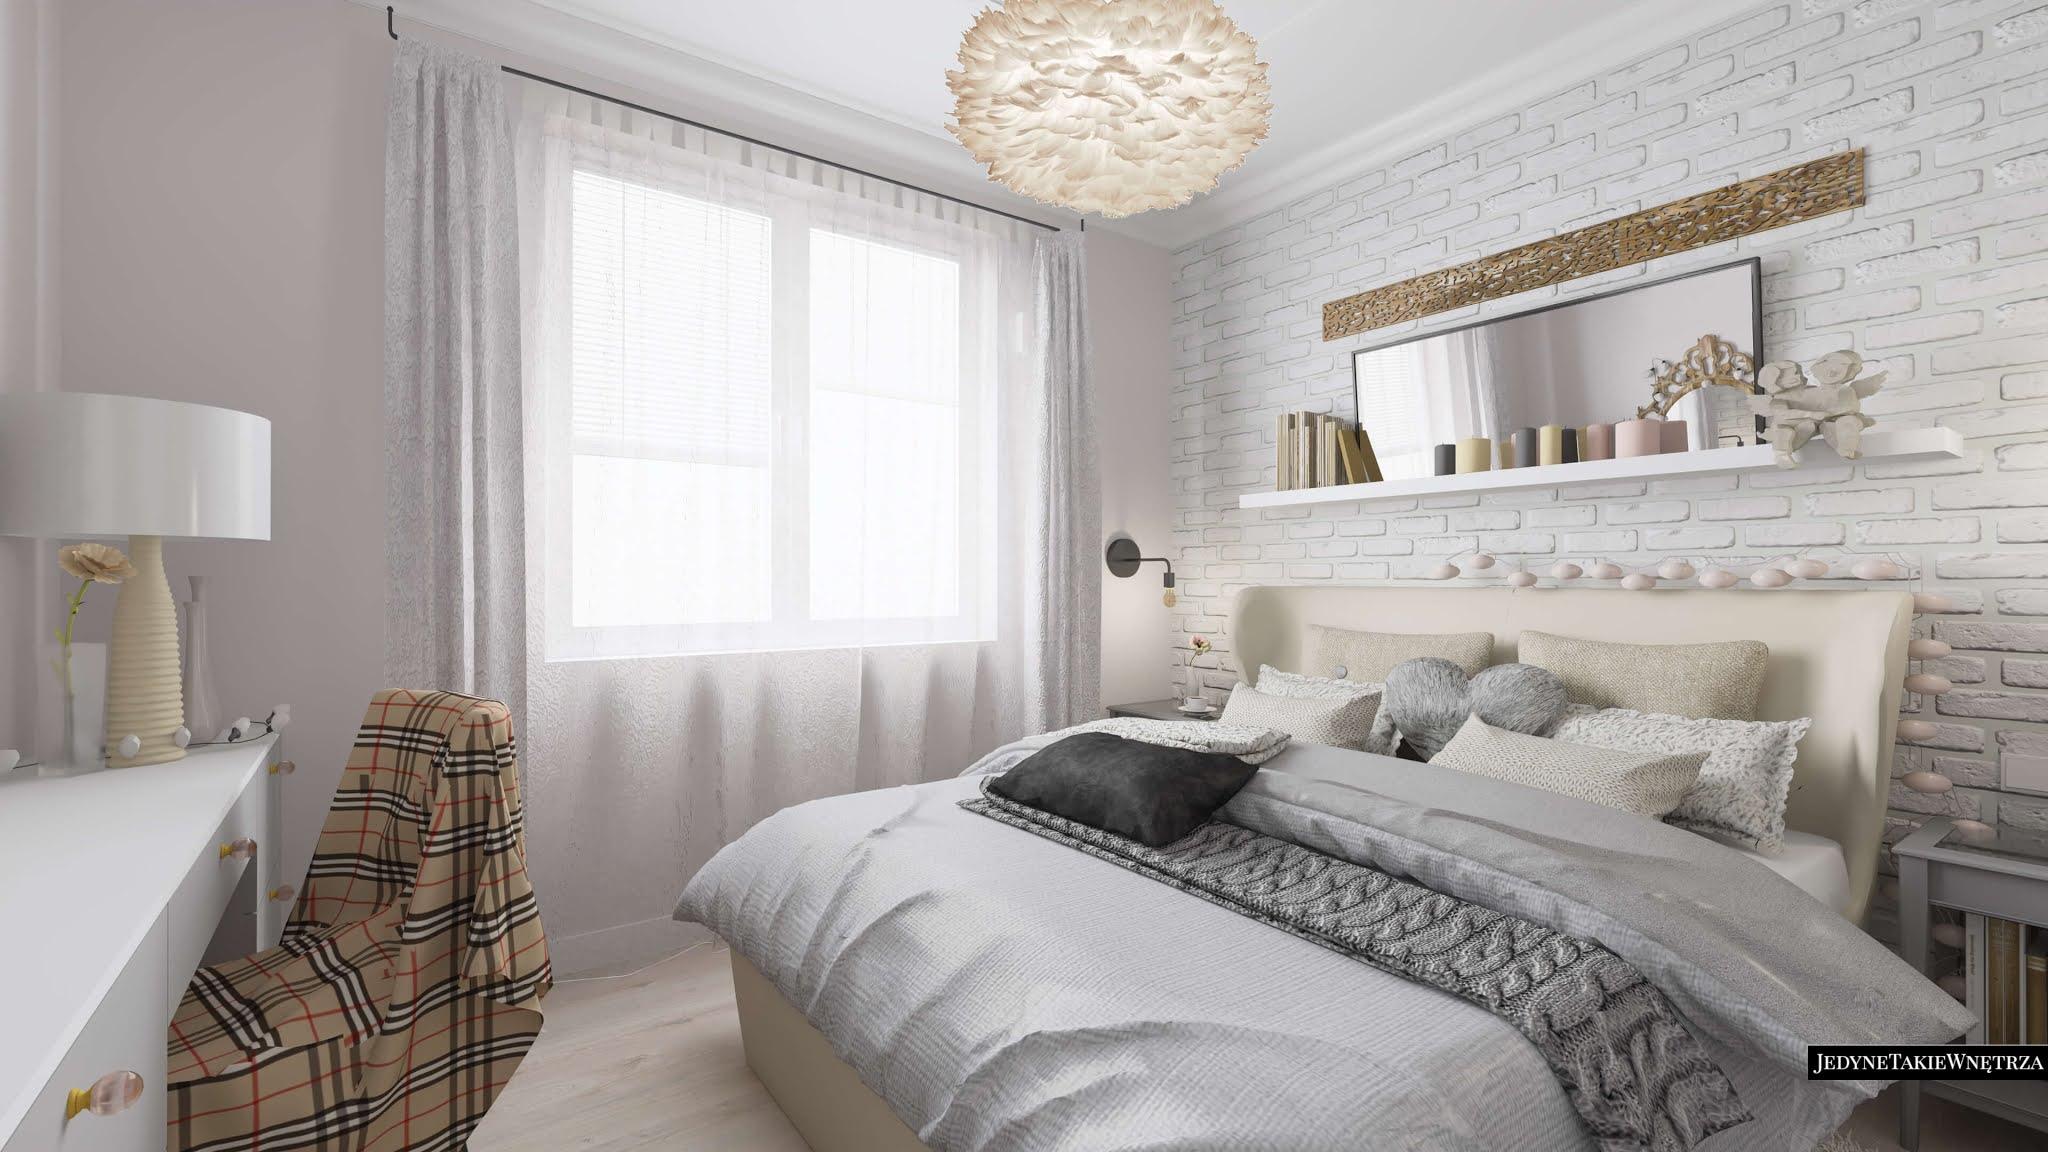 Romantyczna sypialnia, której ścianę zdobi tapeta z motywem białej cegły. Duże podwójne łóżko z wezgłowiem, nad nim wisi biała półka z książkami oraz poziome lustro.